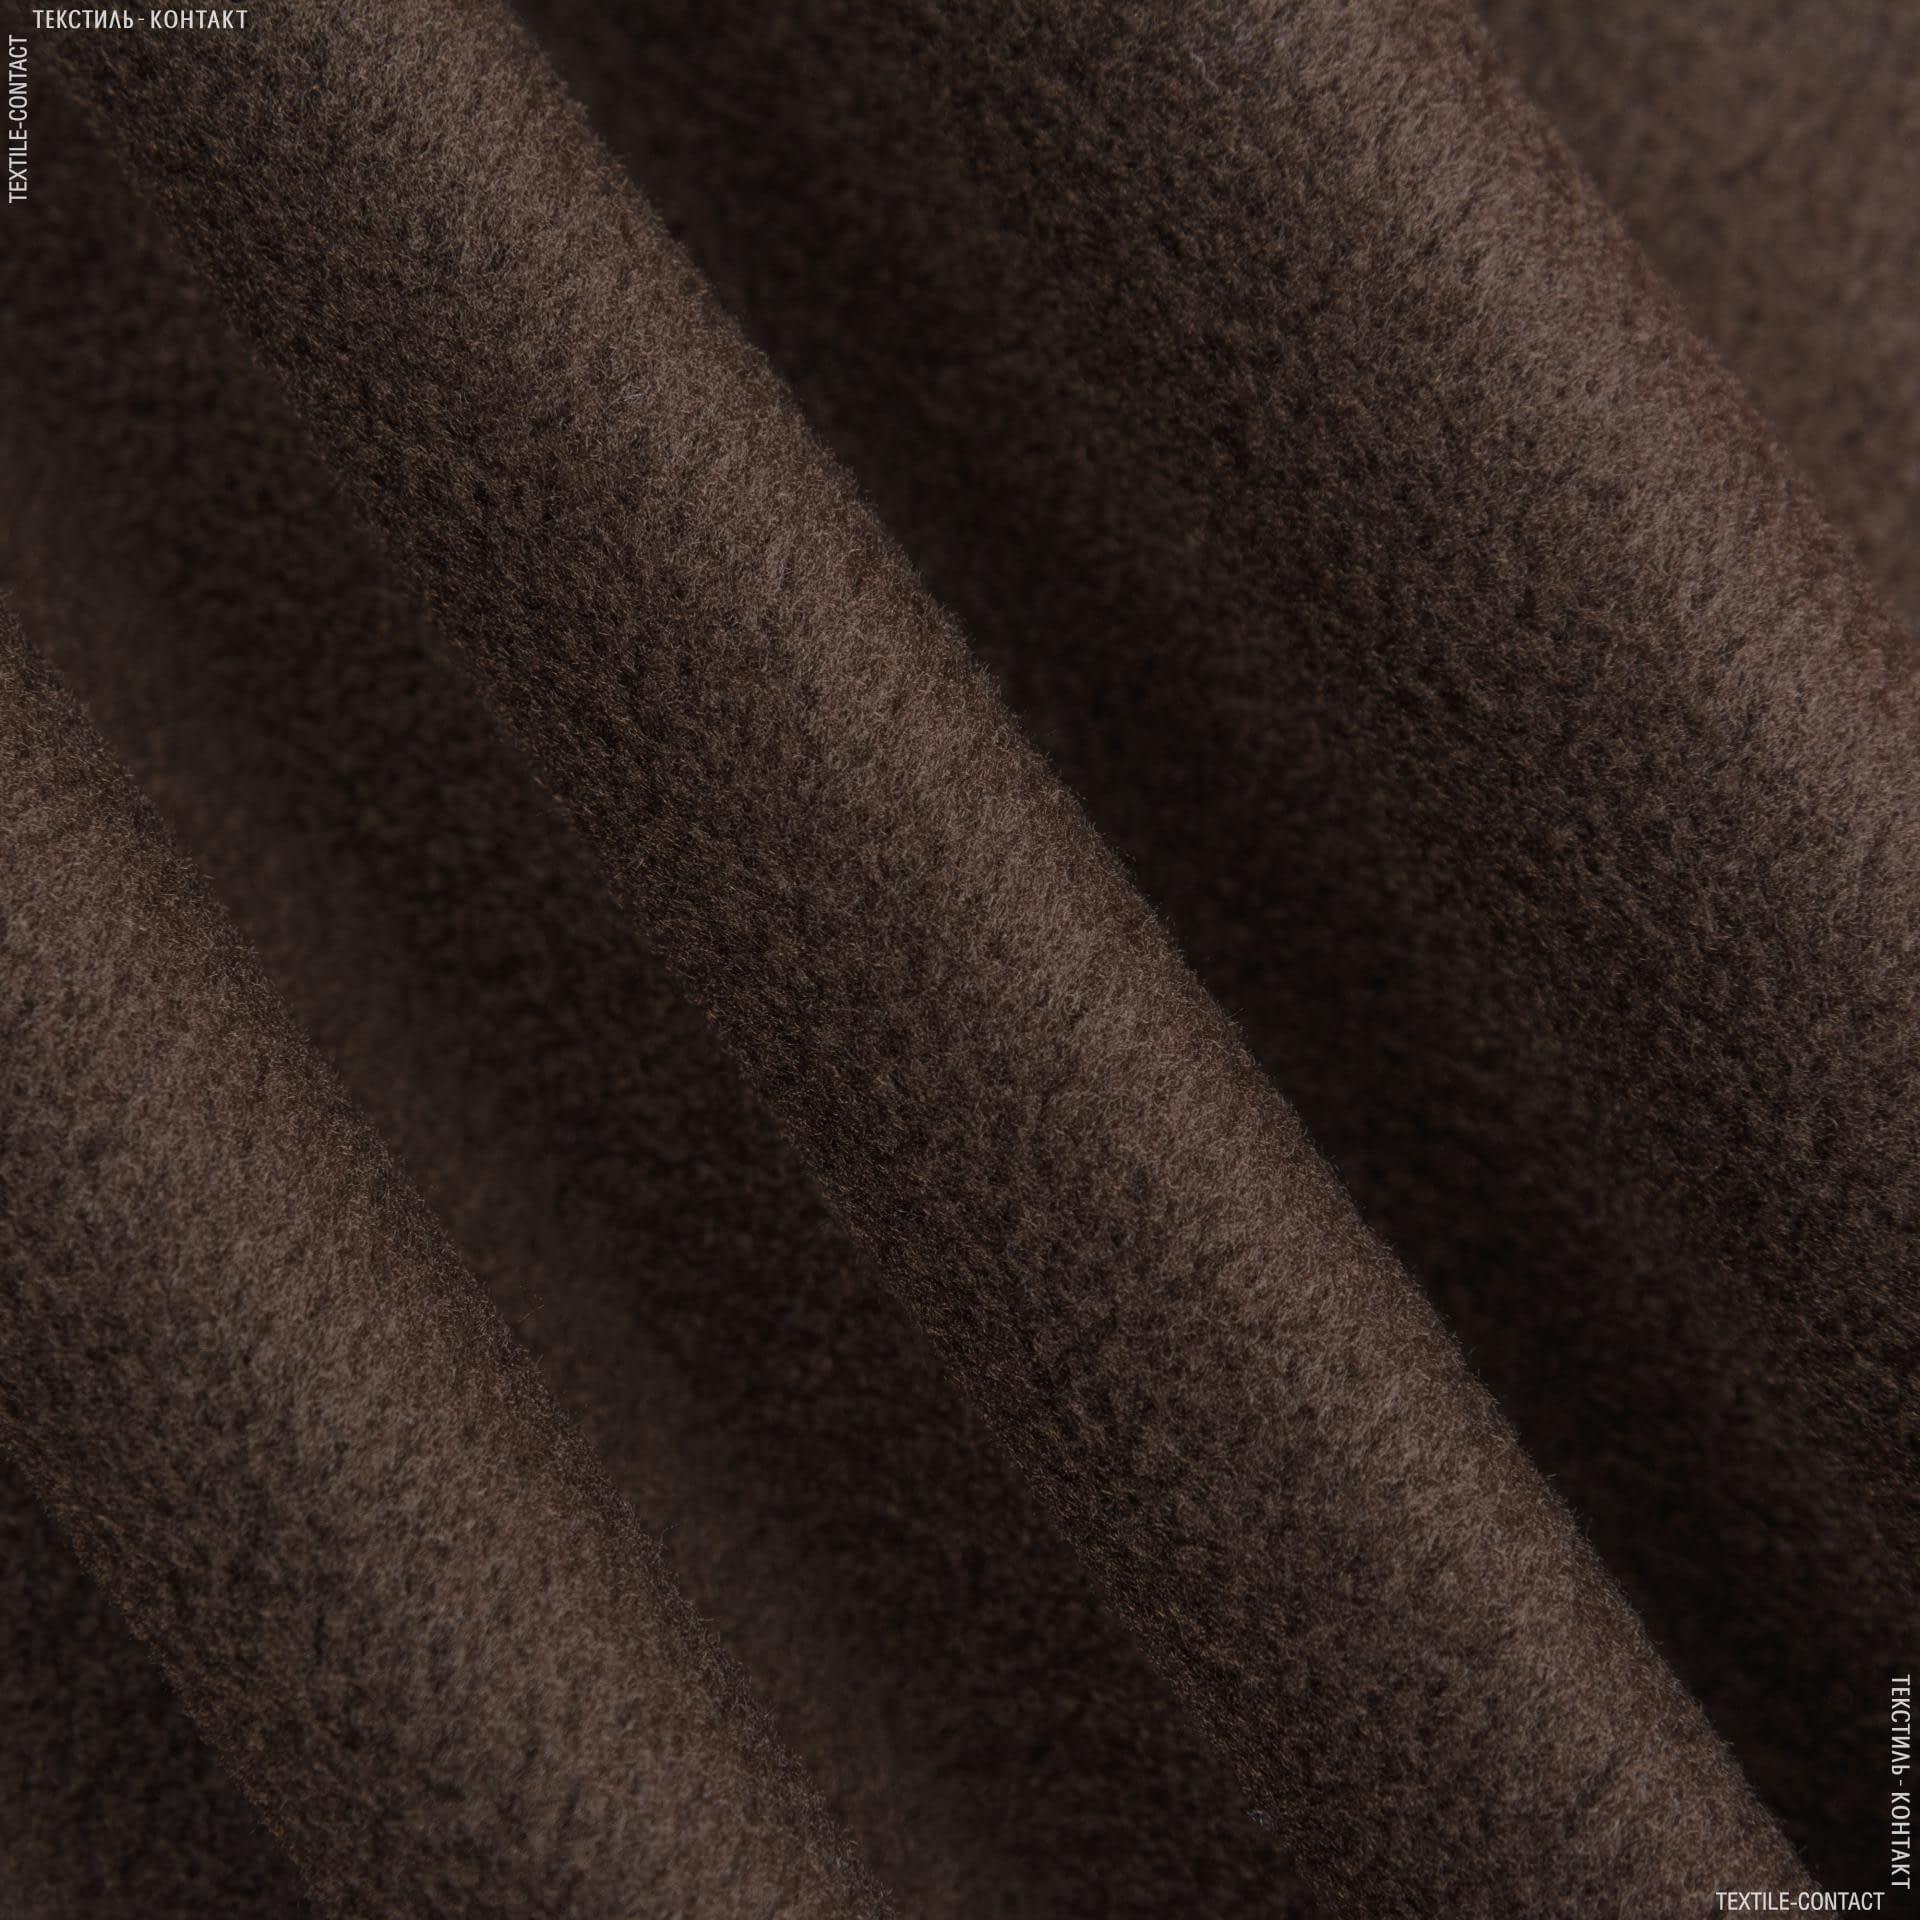 Ткани для спортивной одежды - Флис коричневый